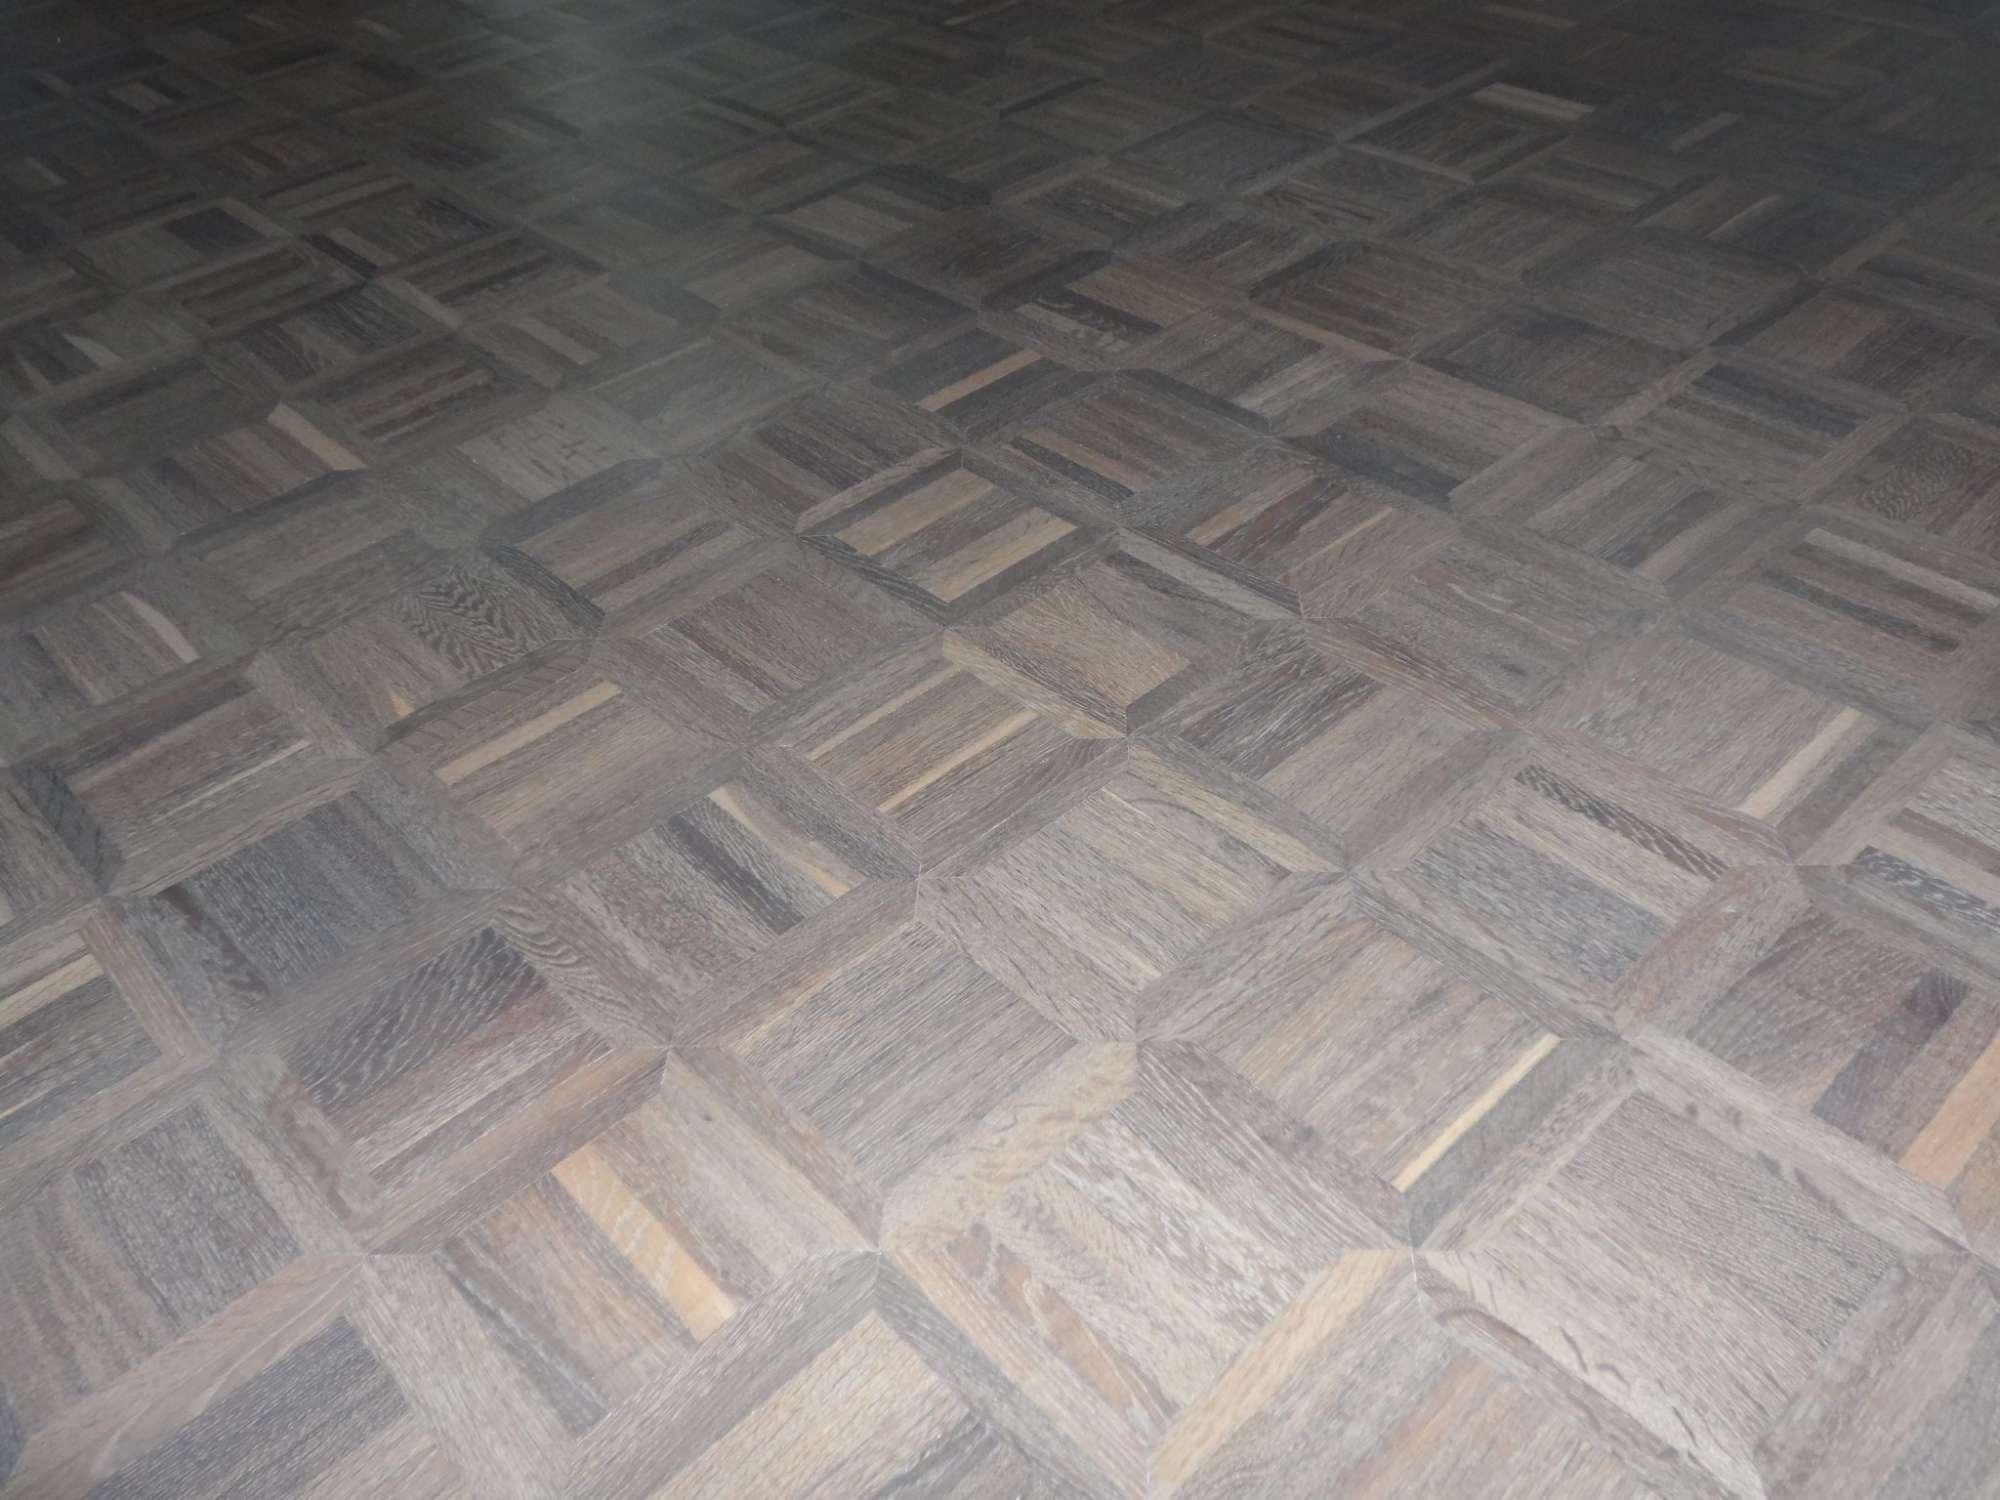 vloerrenovatie-eiken-premier-mozaiek-16x16-geloogd-en-ingekleurd-met-naturel-wit-2